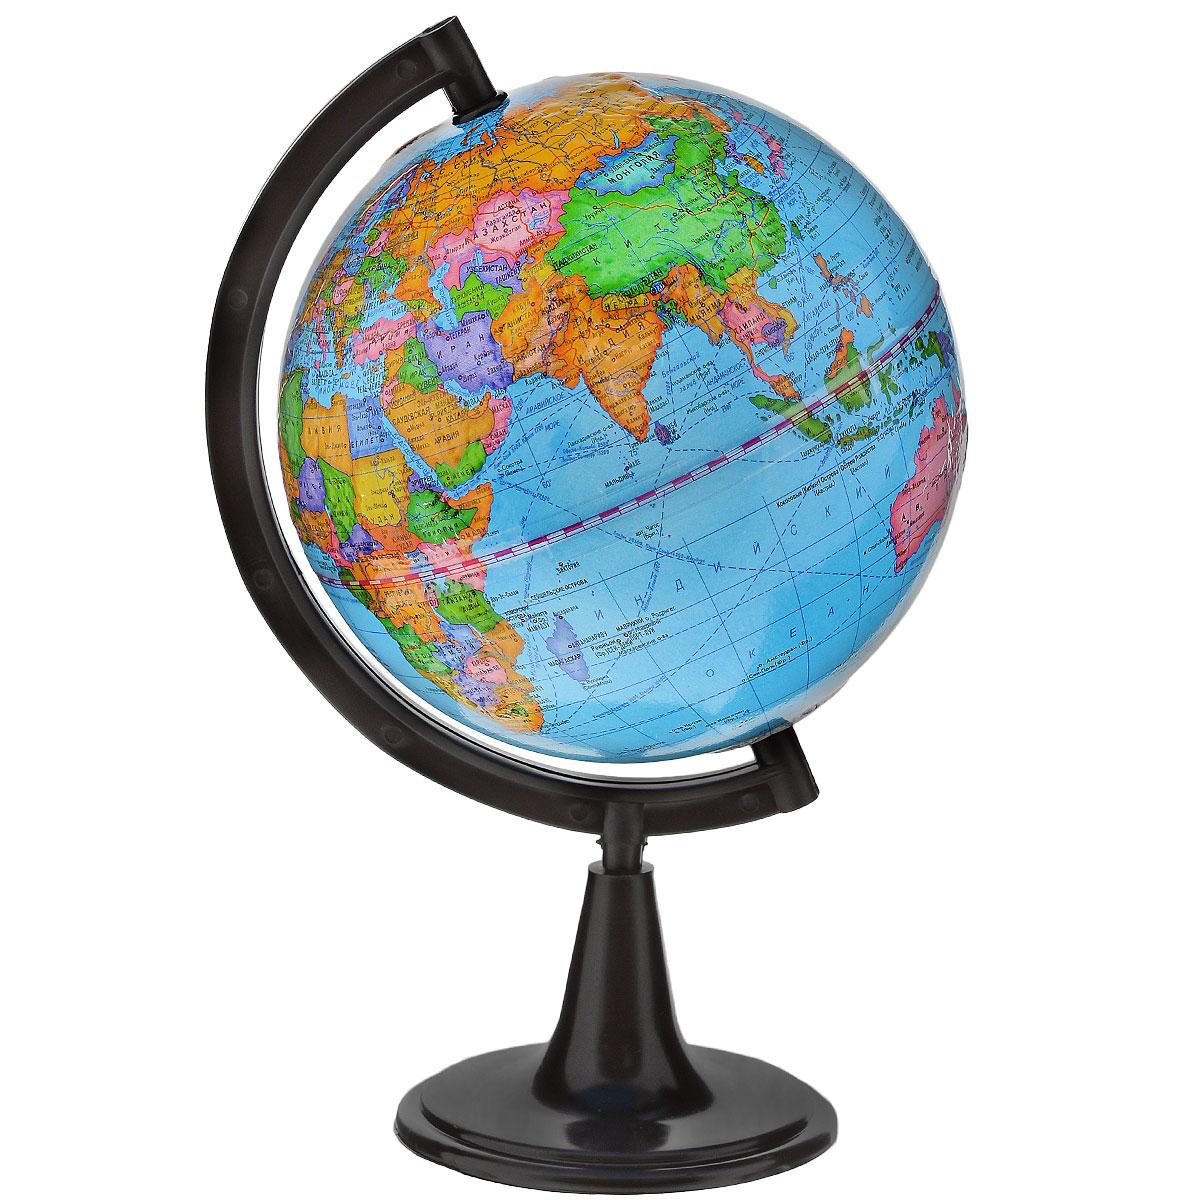 Глобусный мир Глобус с политической картой мира, рельефный, диаметр 15 смFS-00897Глобус с политической картой мира Глобусный мир, изготовленный из высококачественного прочного пластика, показываетстраны мира, сухопутные и морские границы того или иного государства, расположение городов и населенныхпунктов. Изделие расположено на подставке. На нем отображены картографические линии: параллели имеридианы, а также градусы и условные обозначения. На глобусе нанесен рельеф, который отчетливопоказывает рельеф местности и горные массивы. Все страны мира раскрашены в разные цвета. Глобус сполитической картой мира станет незаменимым атрибутом обучения не только школьника, но и студента.Названия стран на глобусе приведены на русской язык.Настольный глобус Глобусный мир станеторигинальным украшением рабочего стола или вашего кабинета. Это изысканная вещь для стильного интерьера,которая станет прекрасным подарком для современного преуспевающего человека, следующего последнимтенденциям моды и стремящегося к элегантности и комфорту в каждой детали.Масштаб: 1:84 000 000.